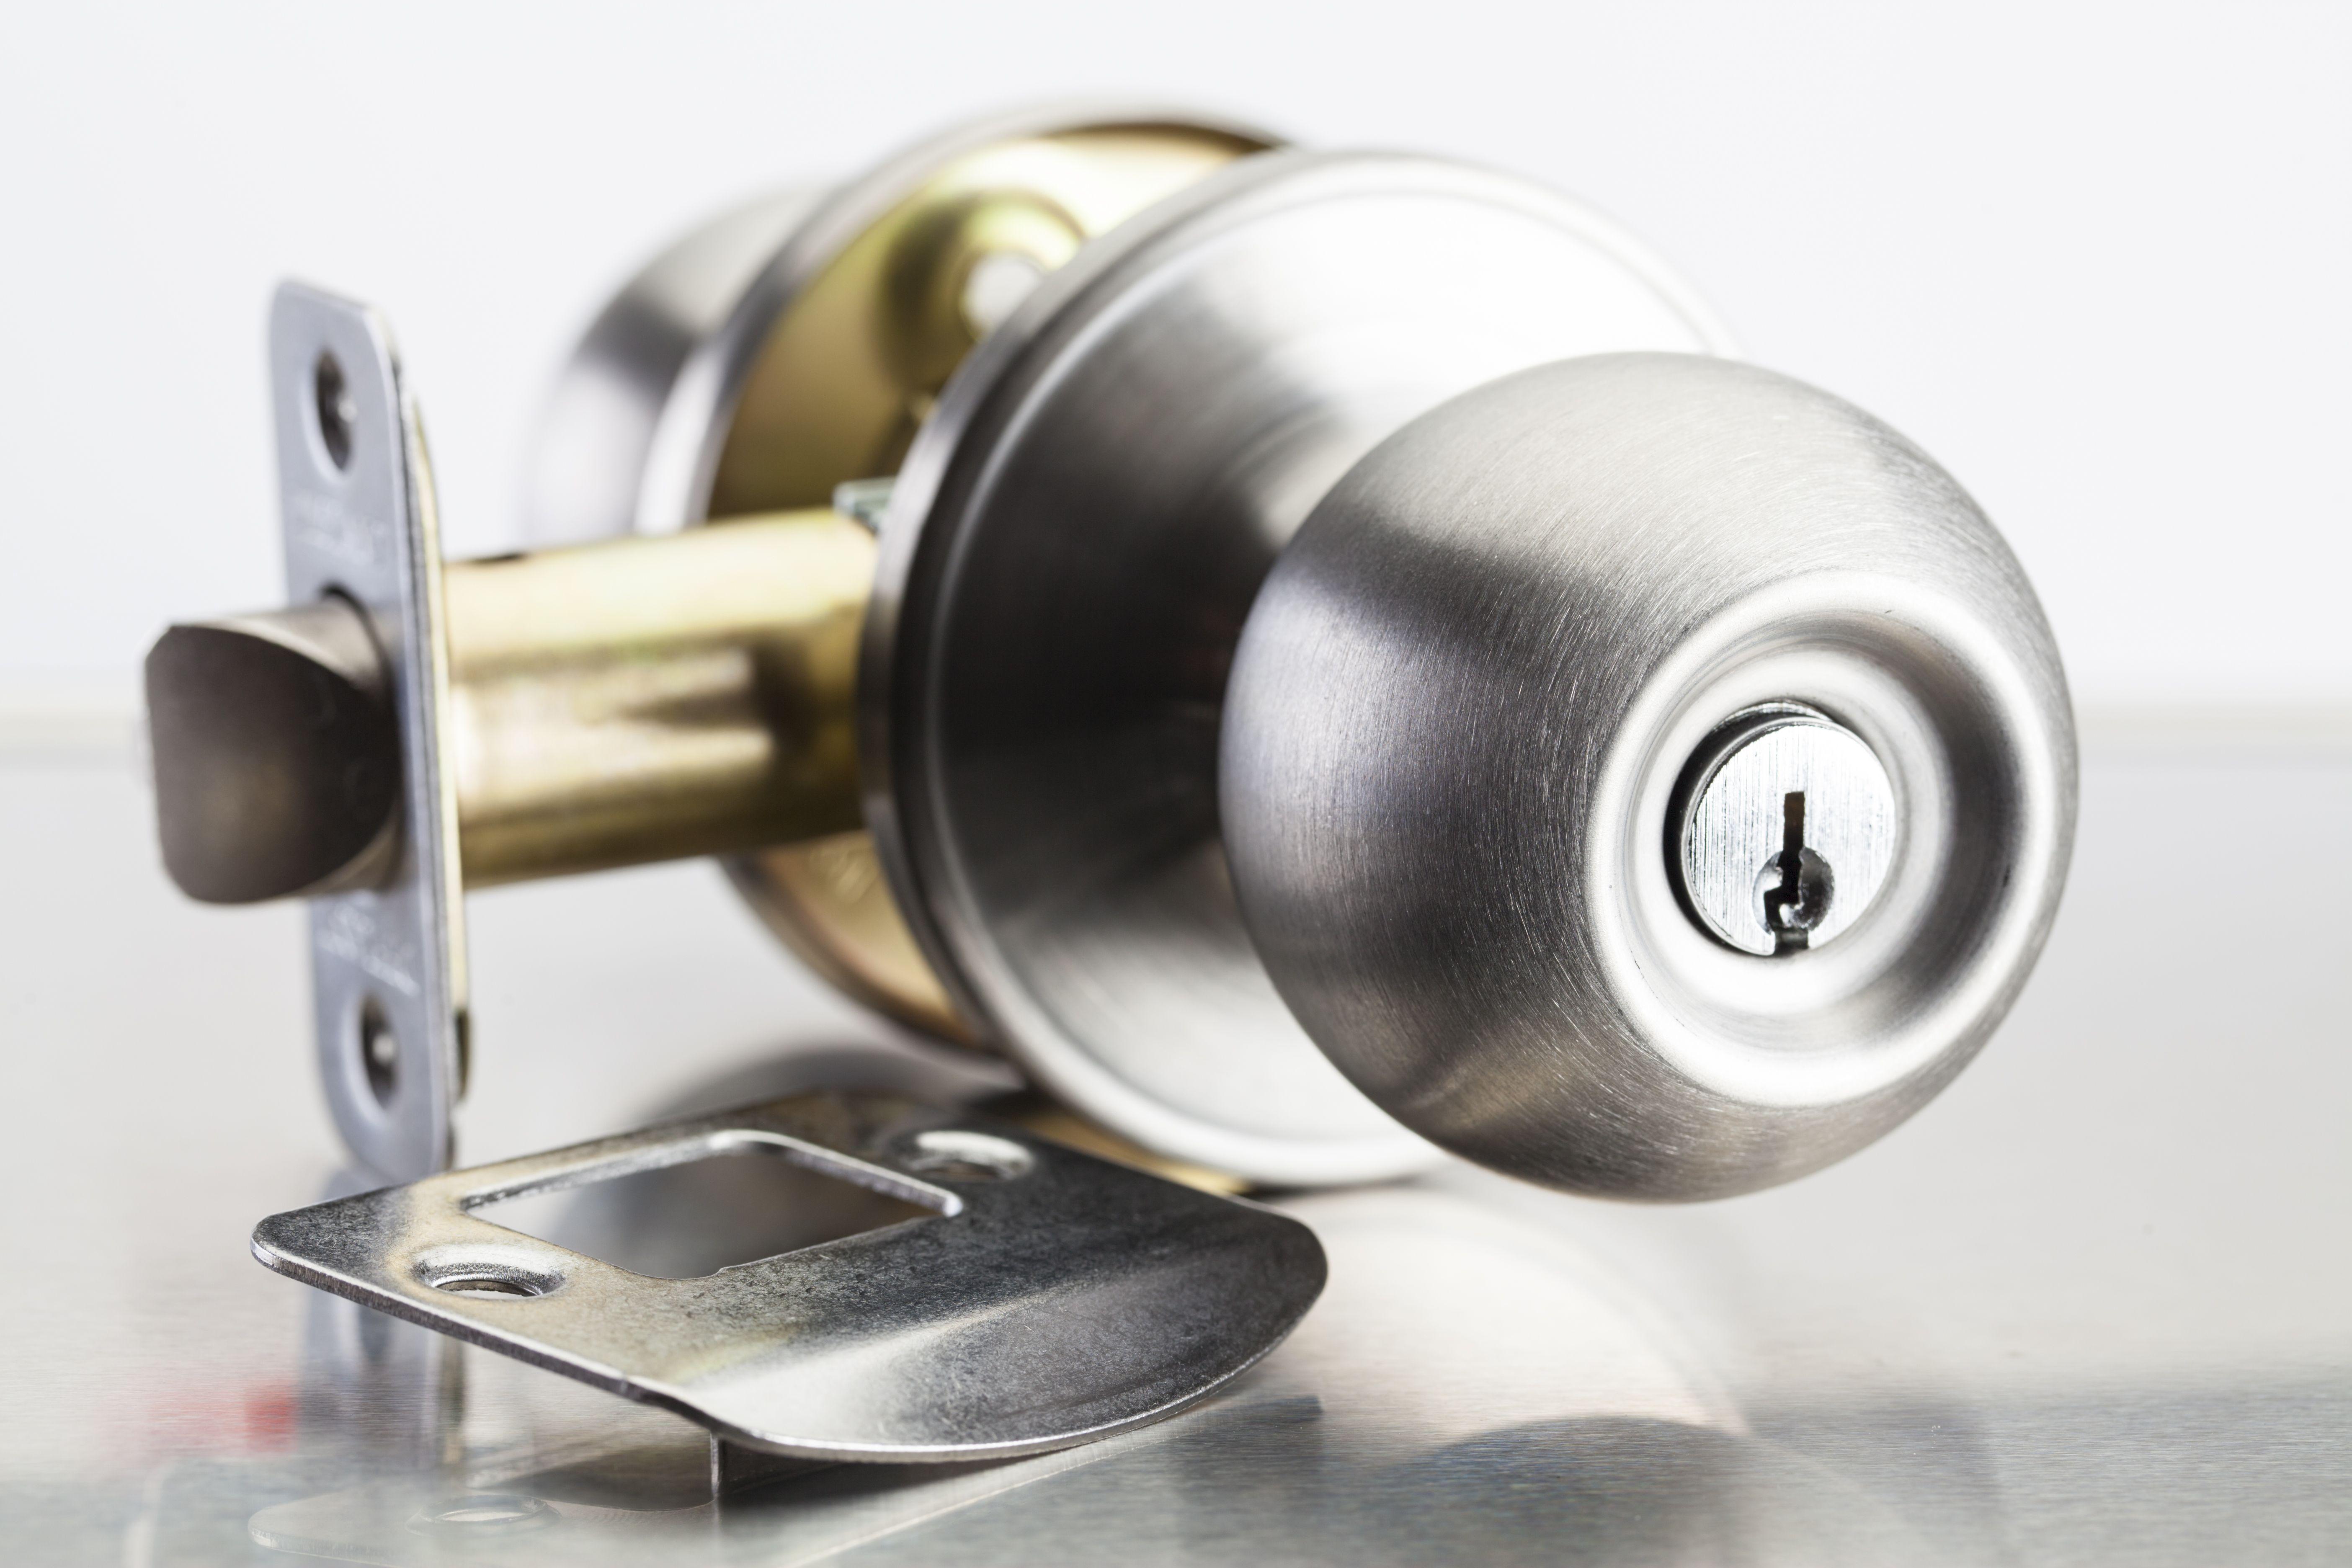 Cerraduras y bombines: Servicios de CERRAJERIA ESPADA 24HORAS